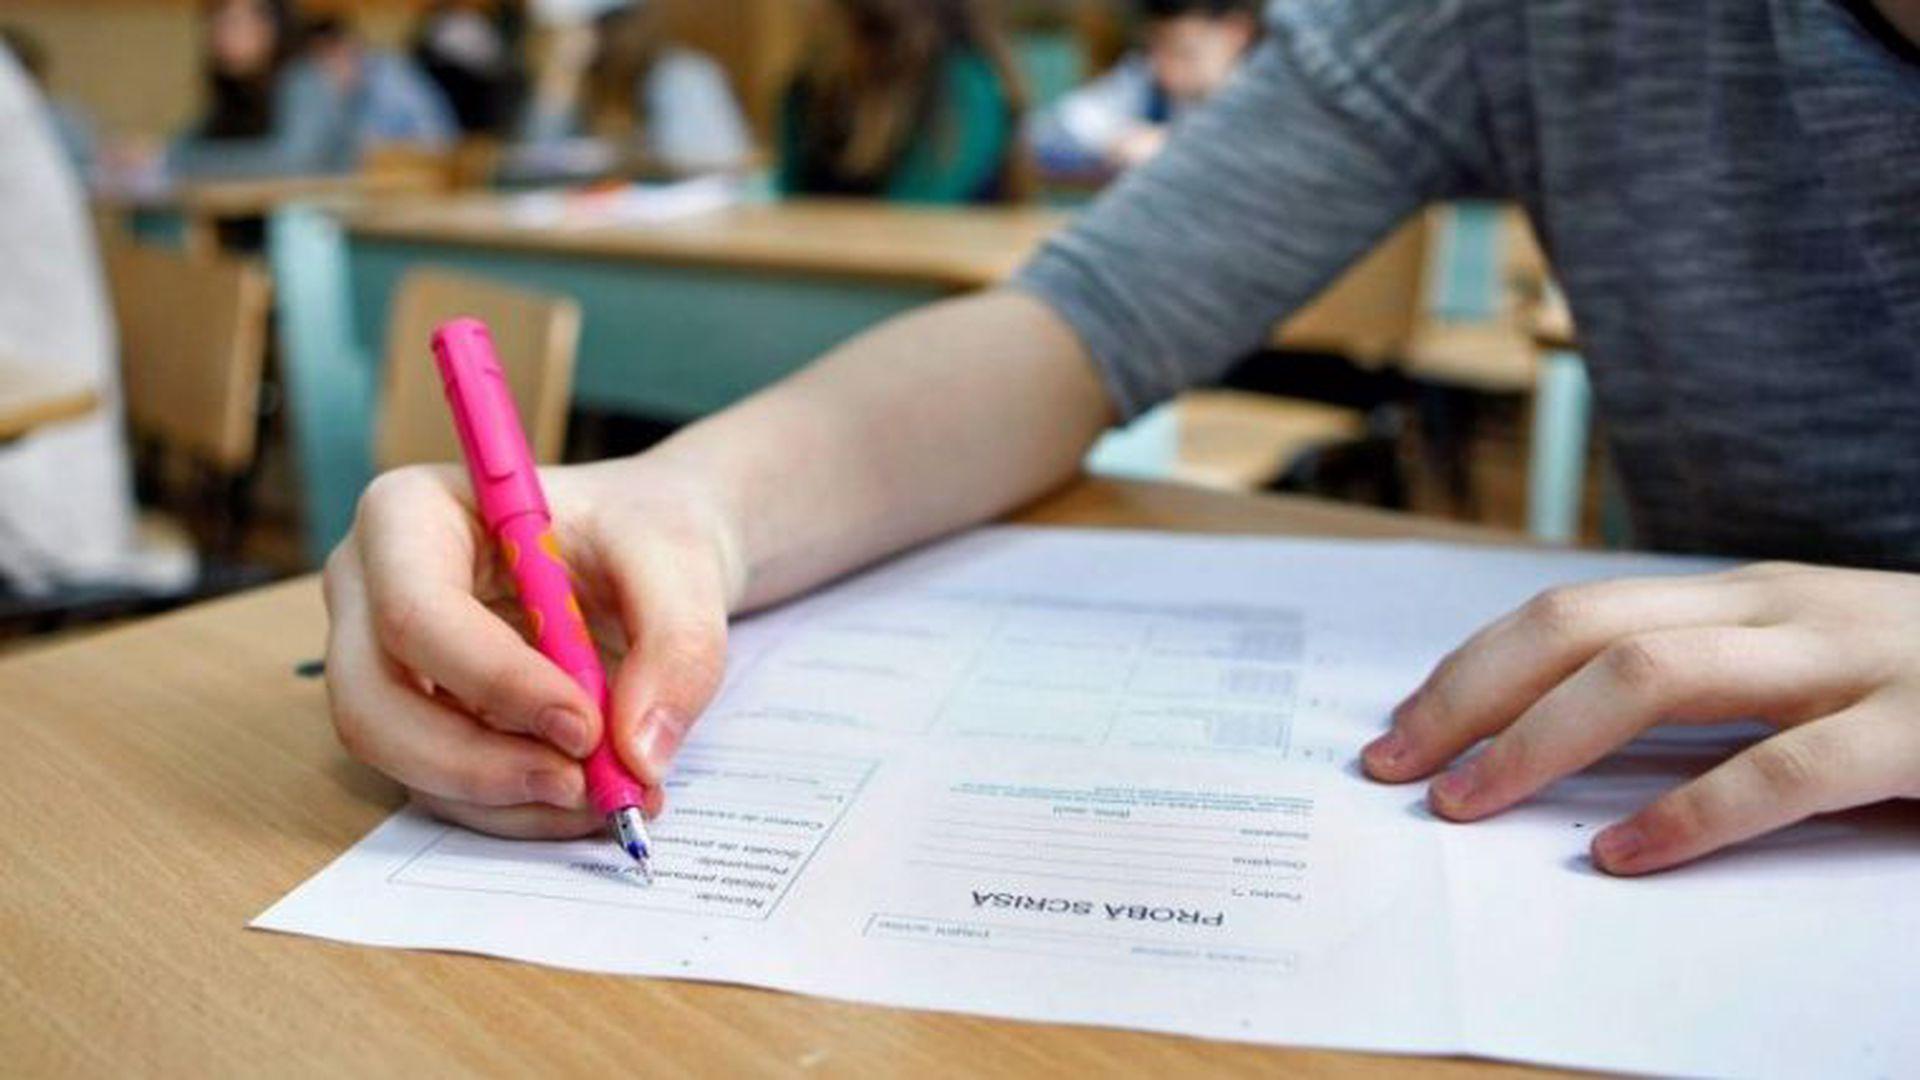 Evaluare Națională 2020: Ce măsuri preventive au fost adoptate. S-au înscris peste 170.000 de elevi